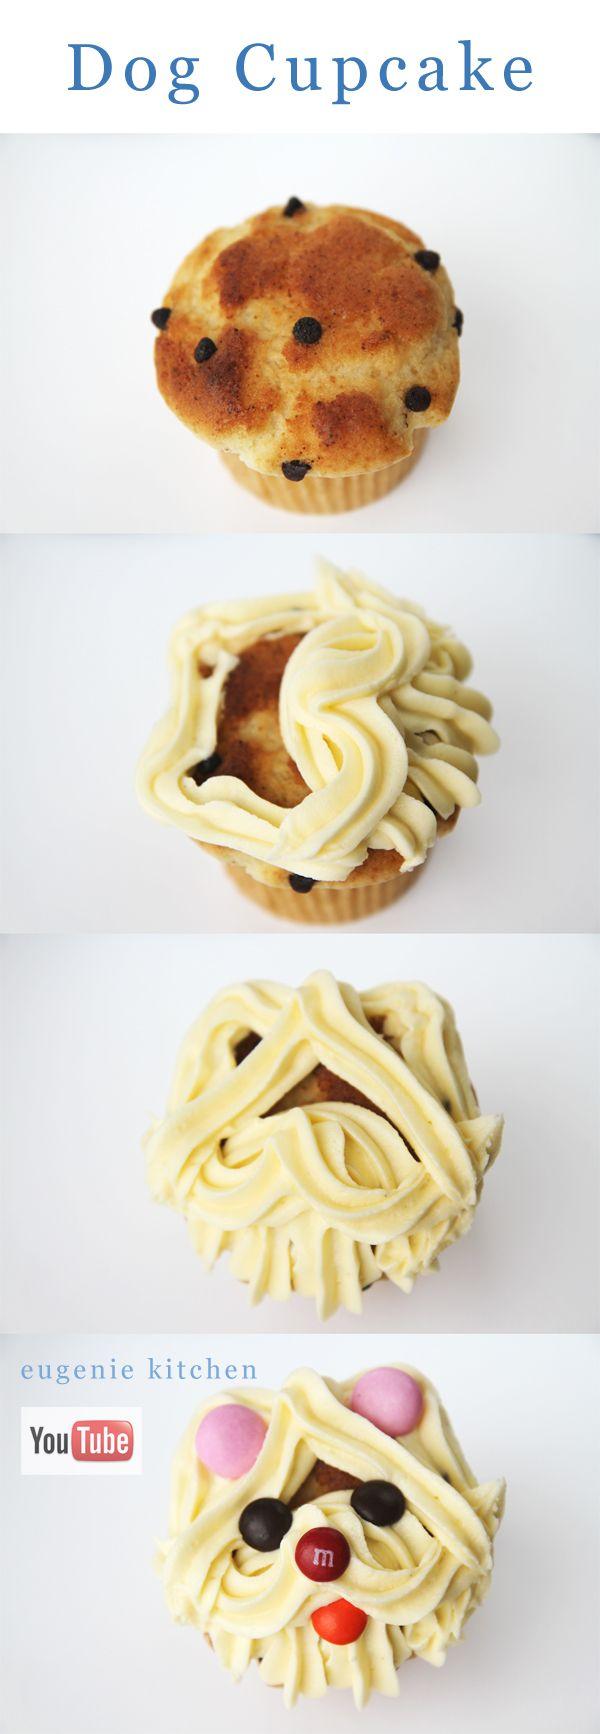 Dog Cupcake Decorating Tutorial - Eugenie Kitchen